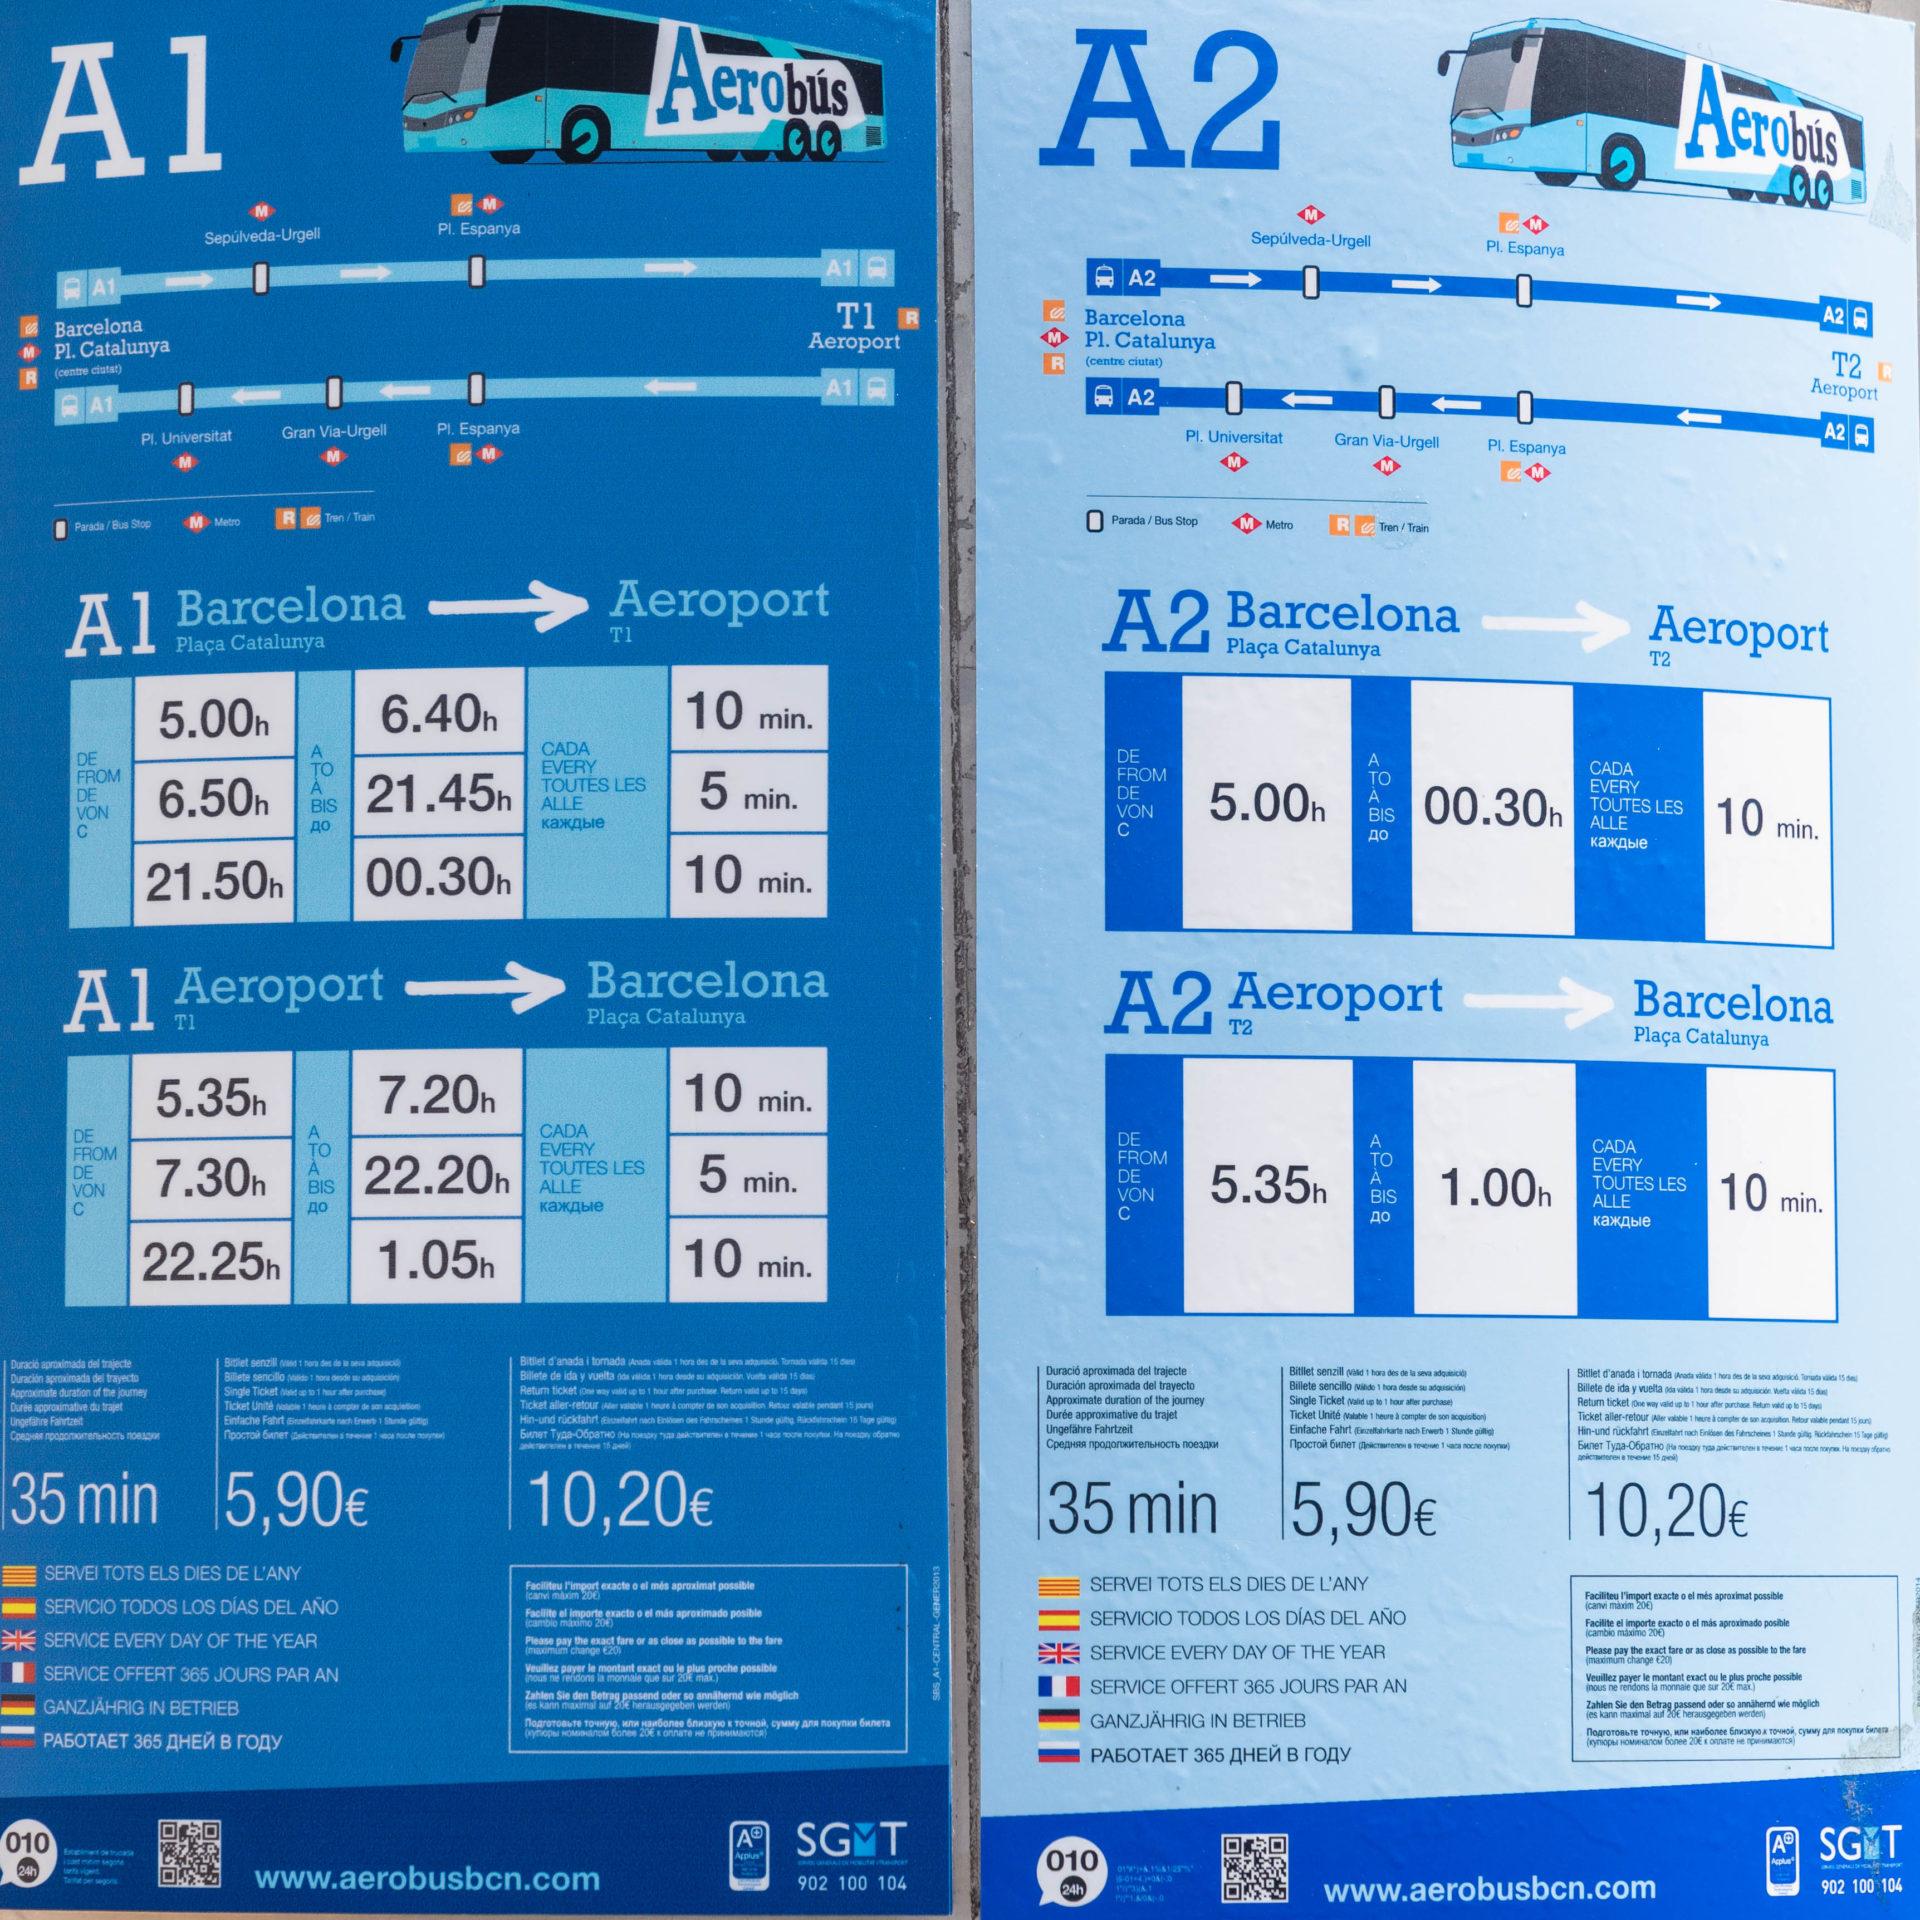 バルセロナ空港のエアポートバス 時刻表